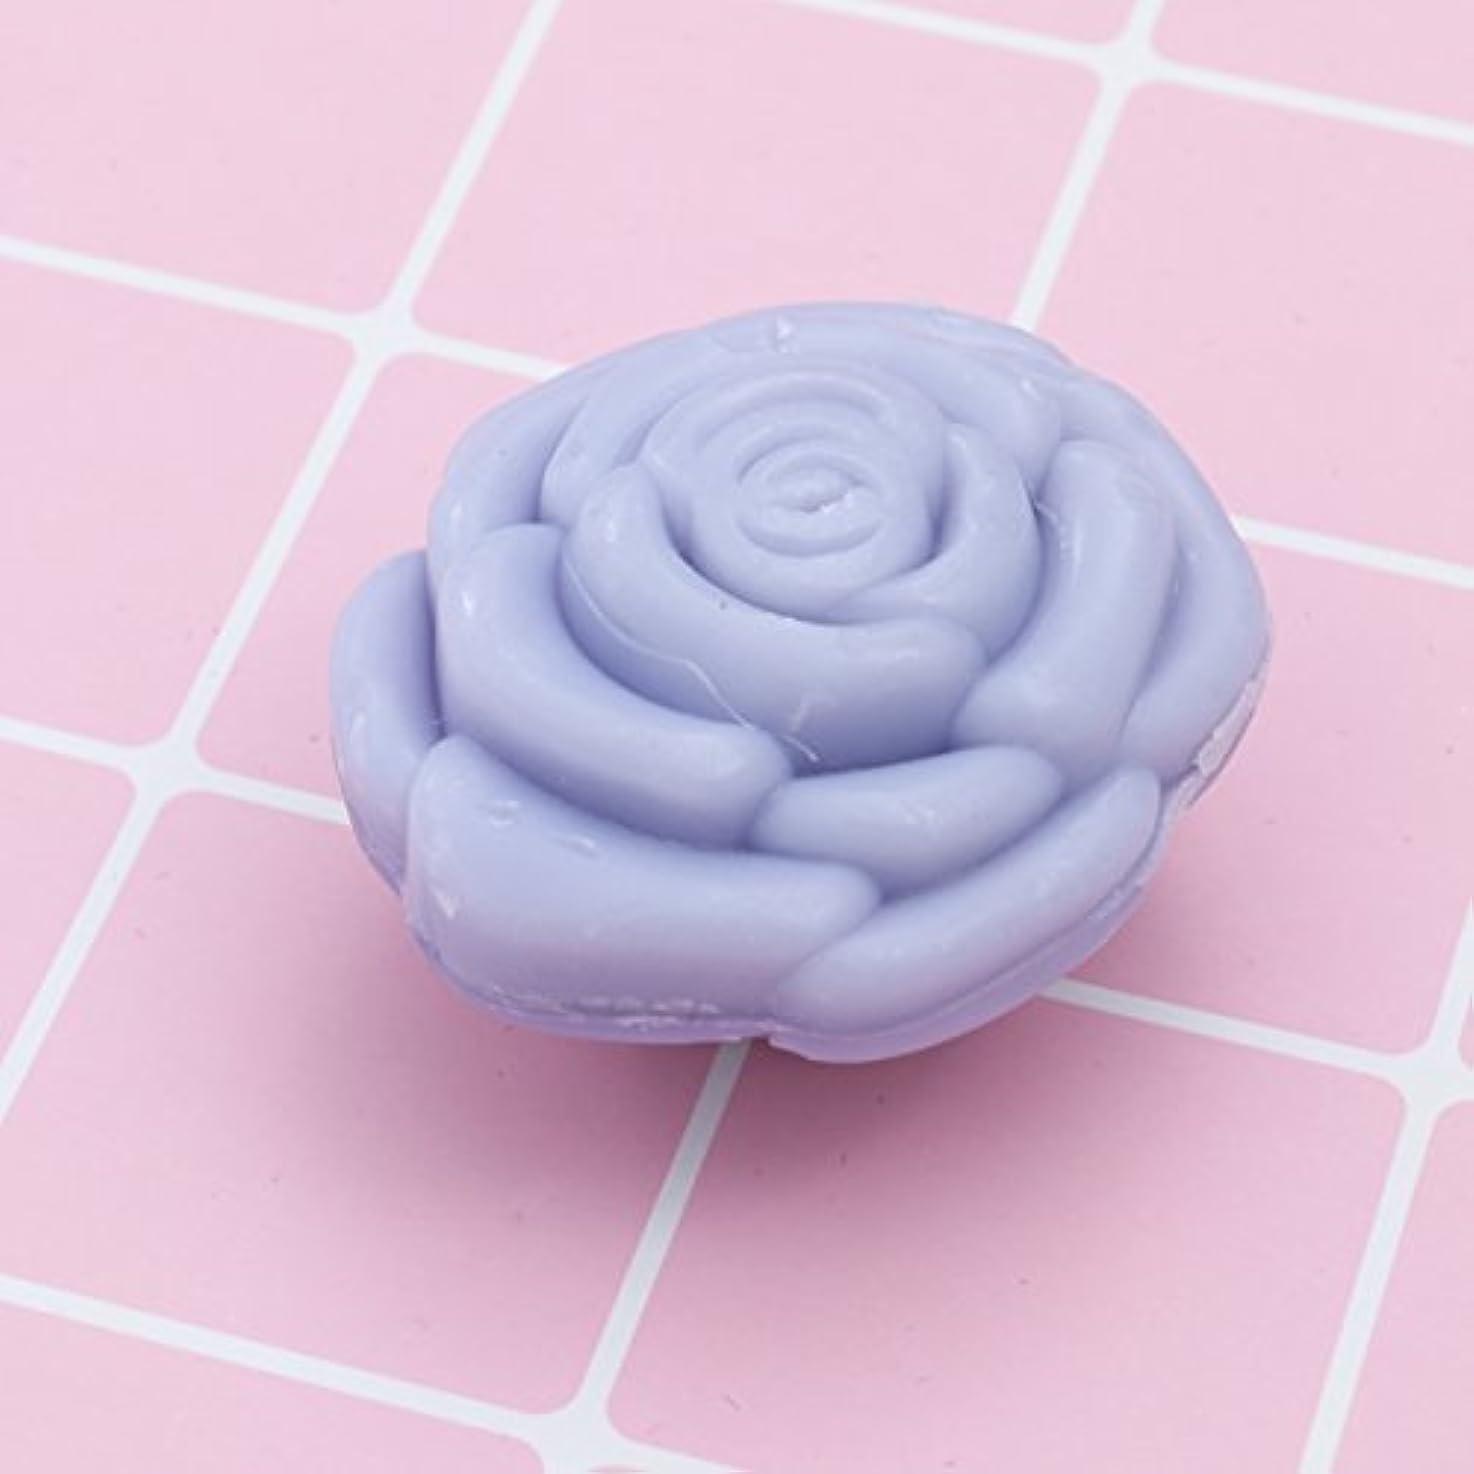 見捨てるパイロットカバレッジAmosfun 手作り石鹸オイルローズフラワーソープアロマエッセンシャルオイルギフト記念日誕生日結婚式バレンタインデー(紫)20ピース